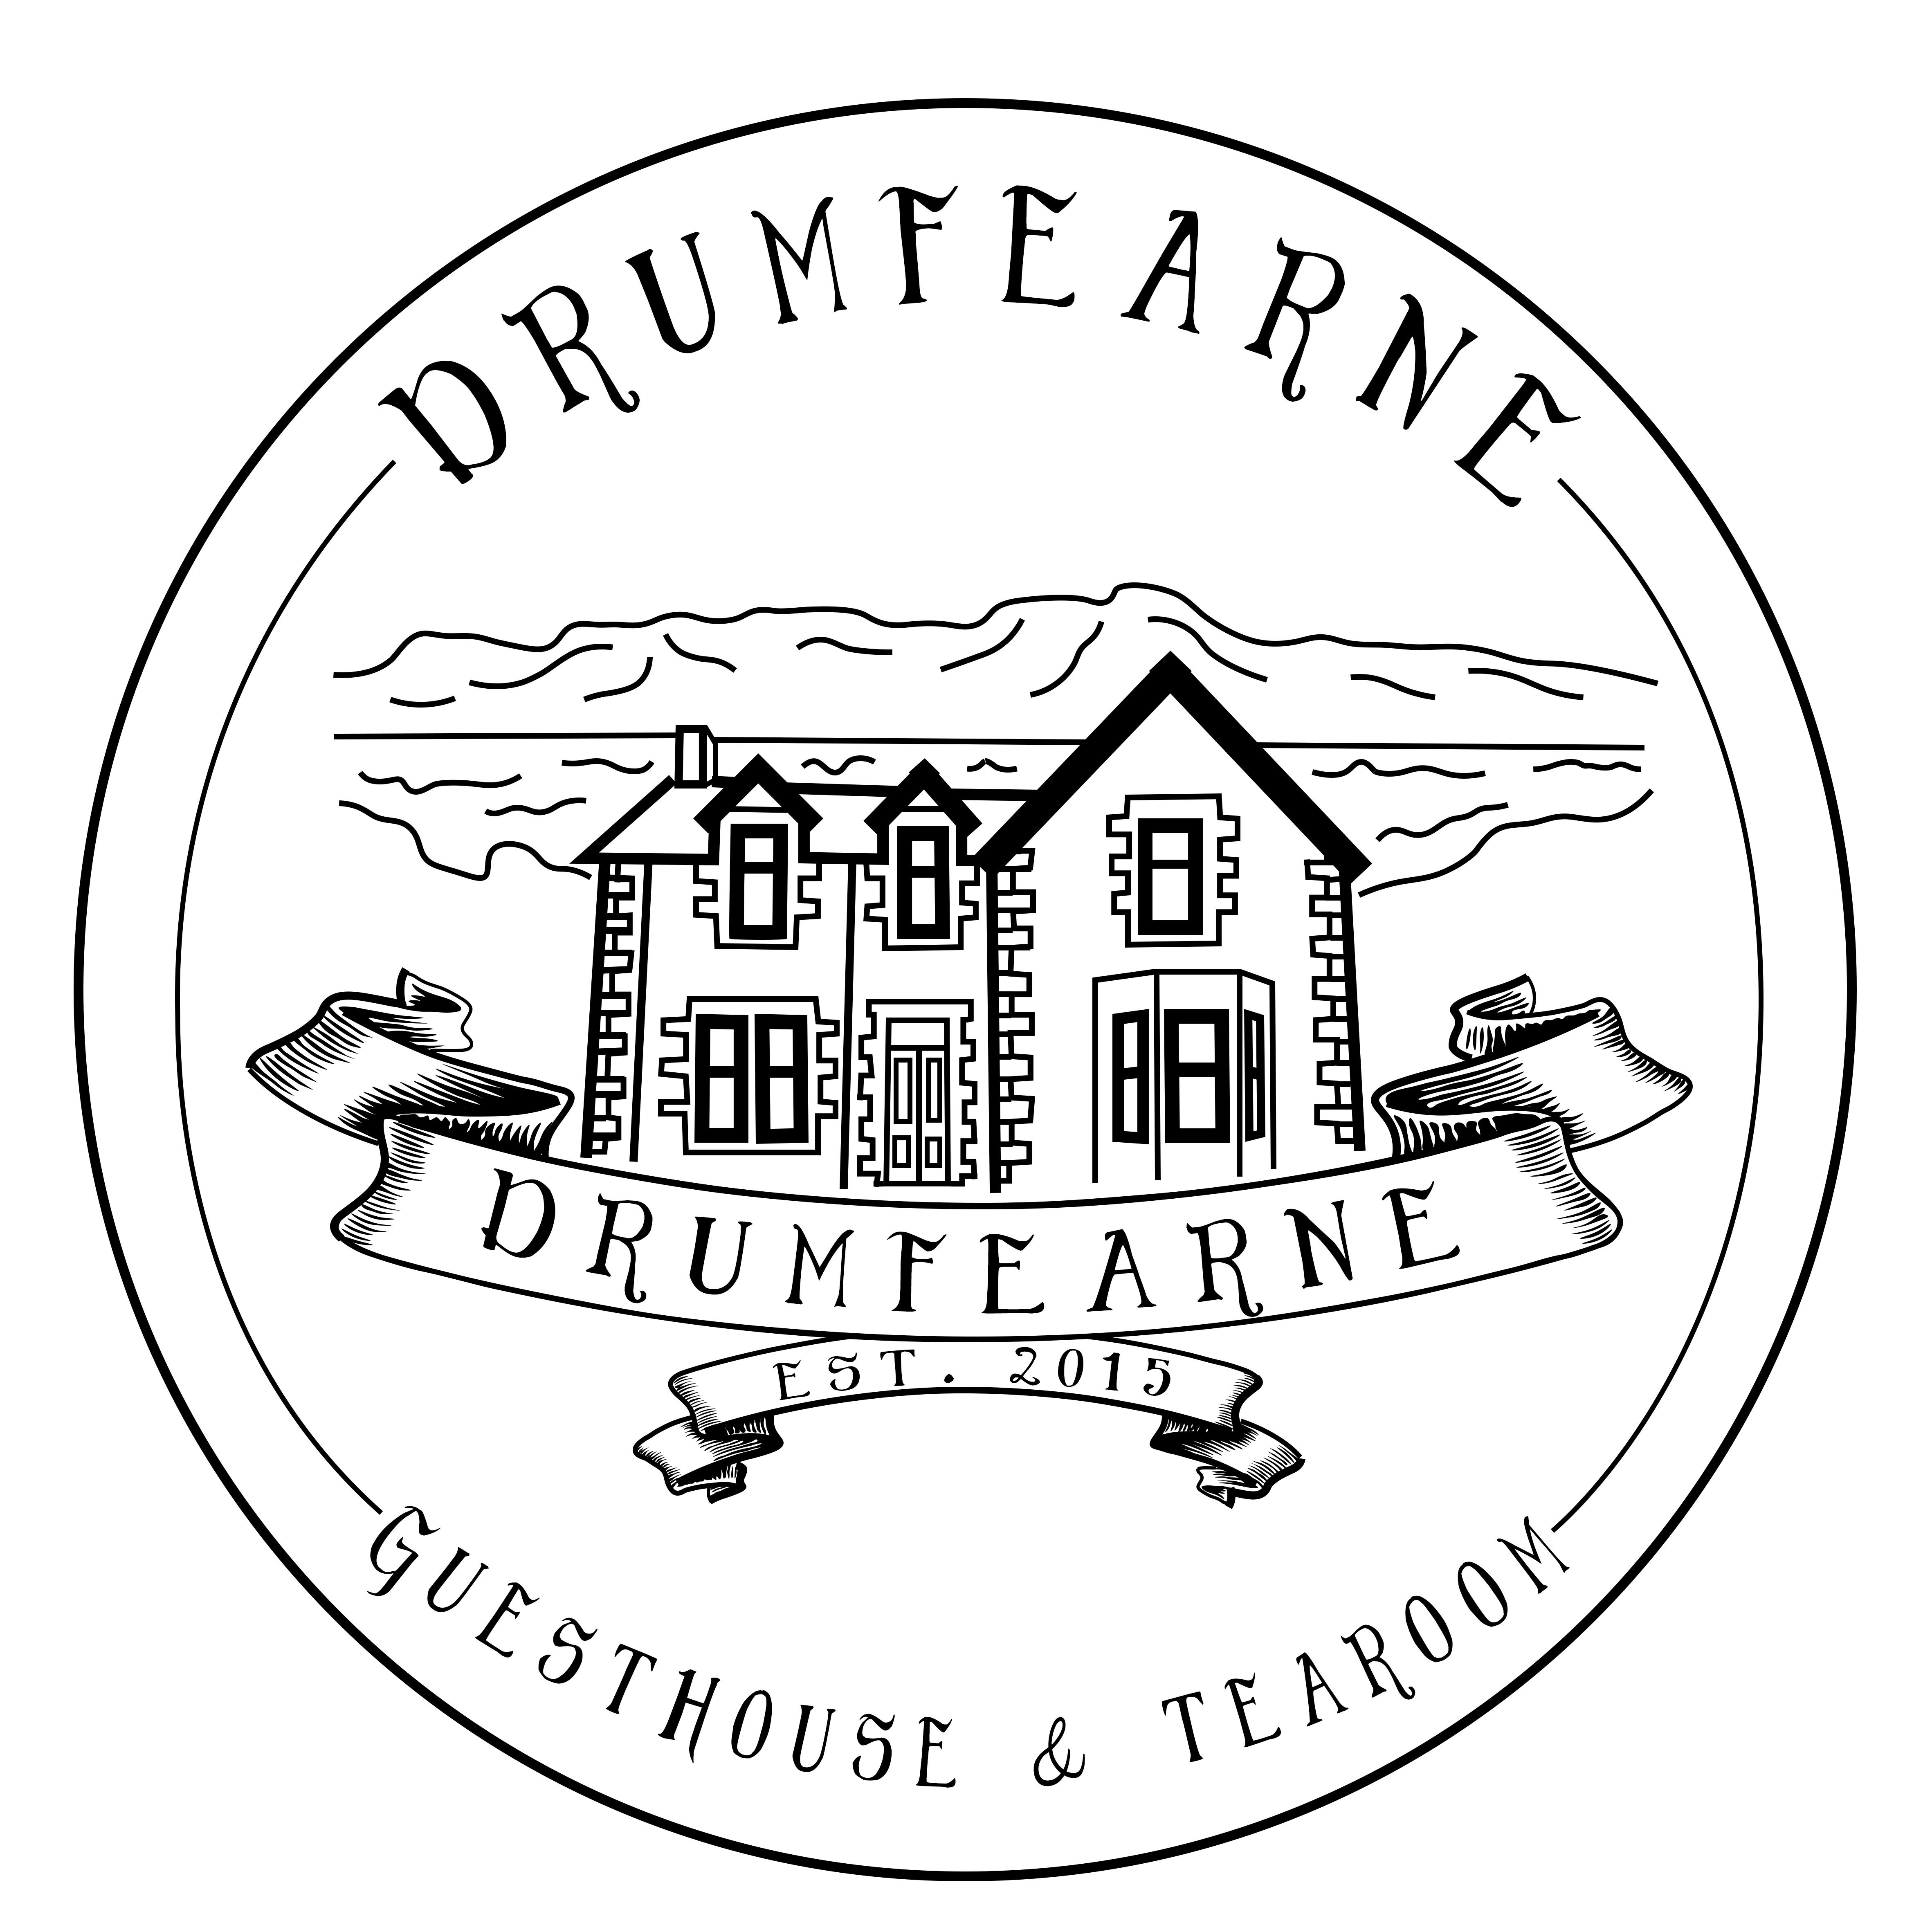 Drumfearne Guesthouse & Tearoom